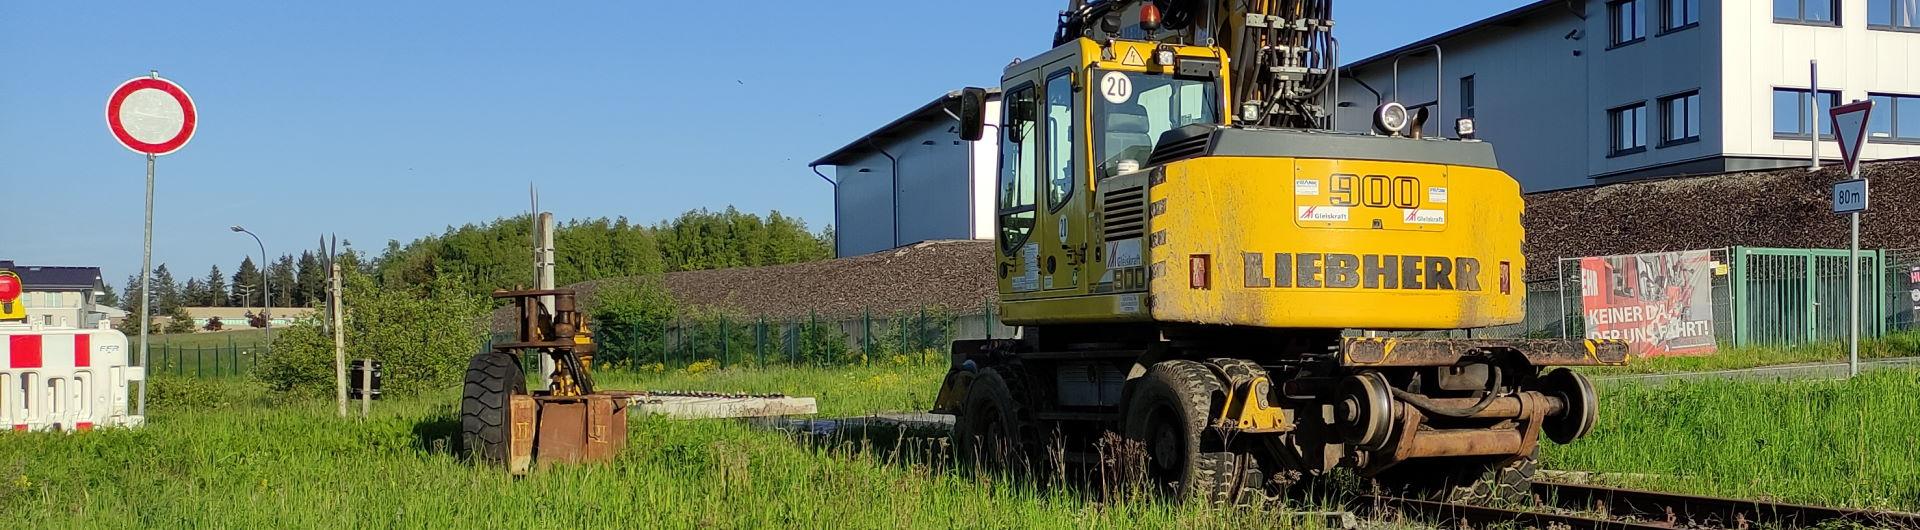 Zweiwege-Bagger am Bahnübergang bei Laubach